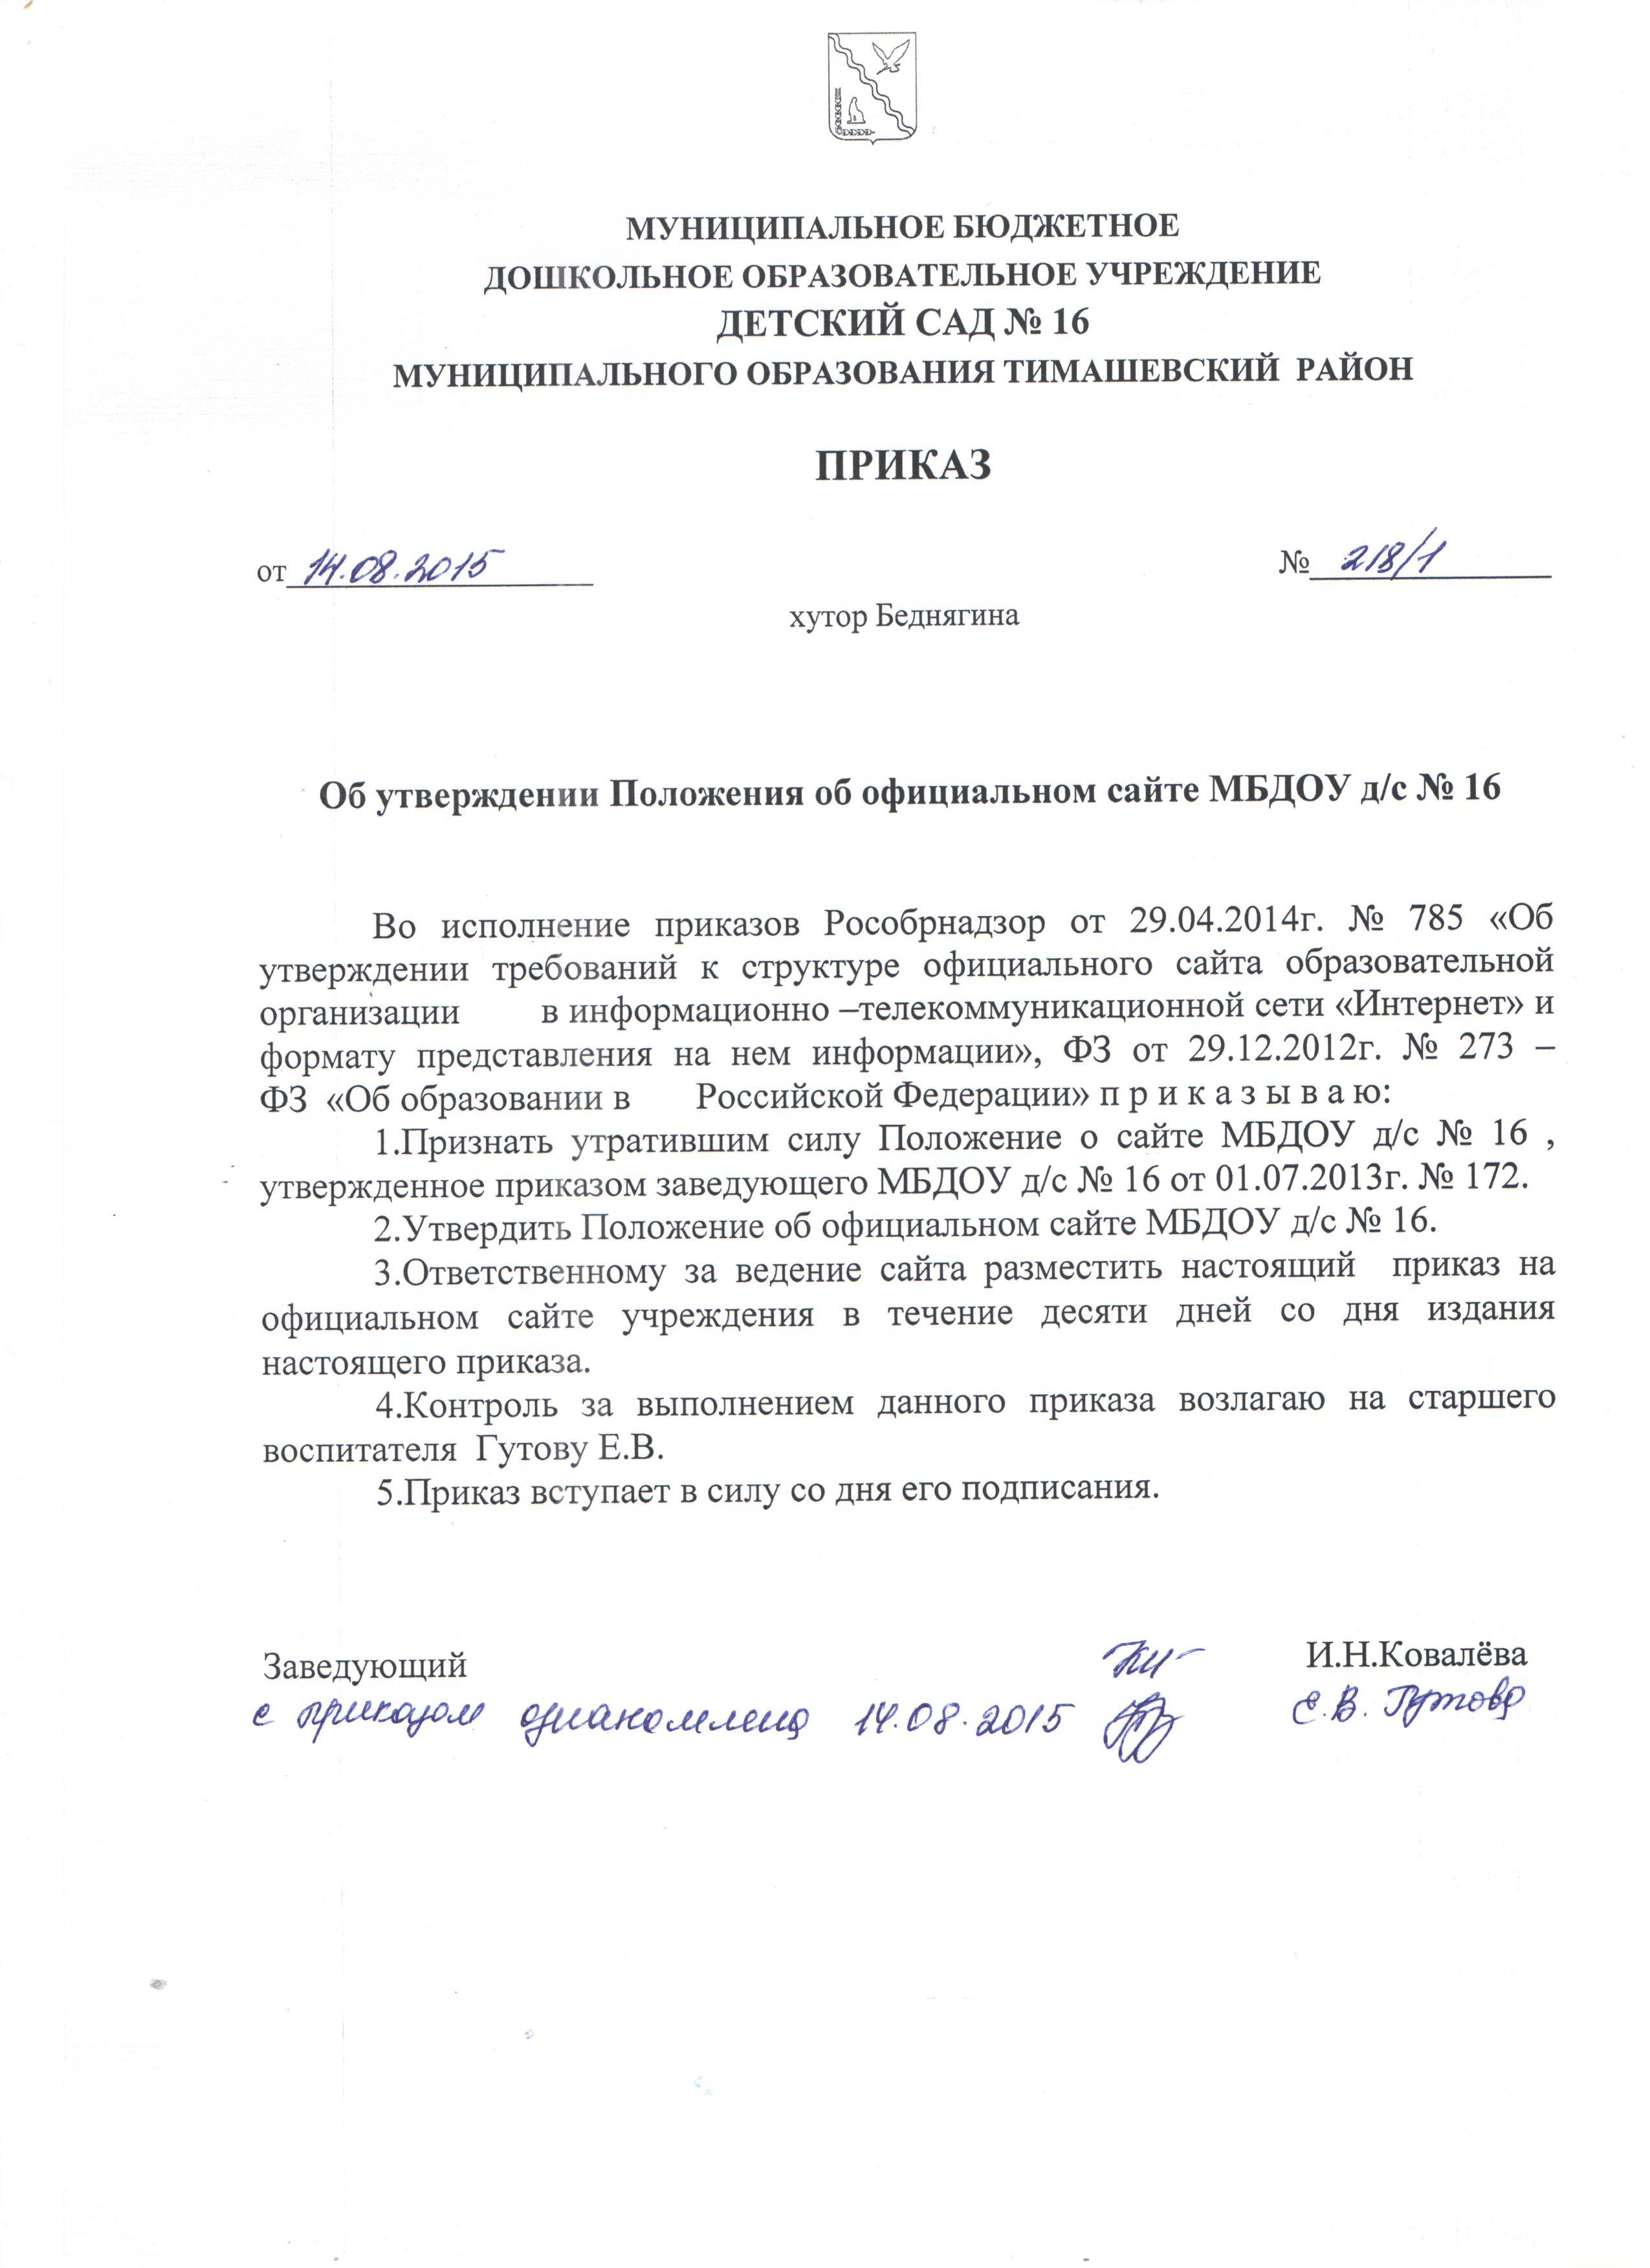 Приказ об утверждении Положения об официальном сайте МБДОУ д/с № 16 (от 14.08.2015 № 218/1)